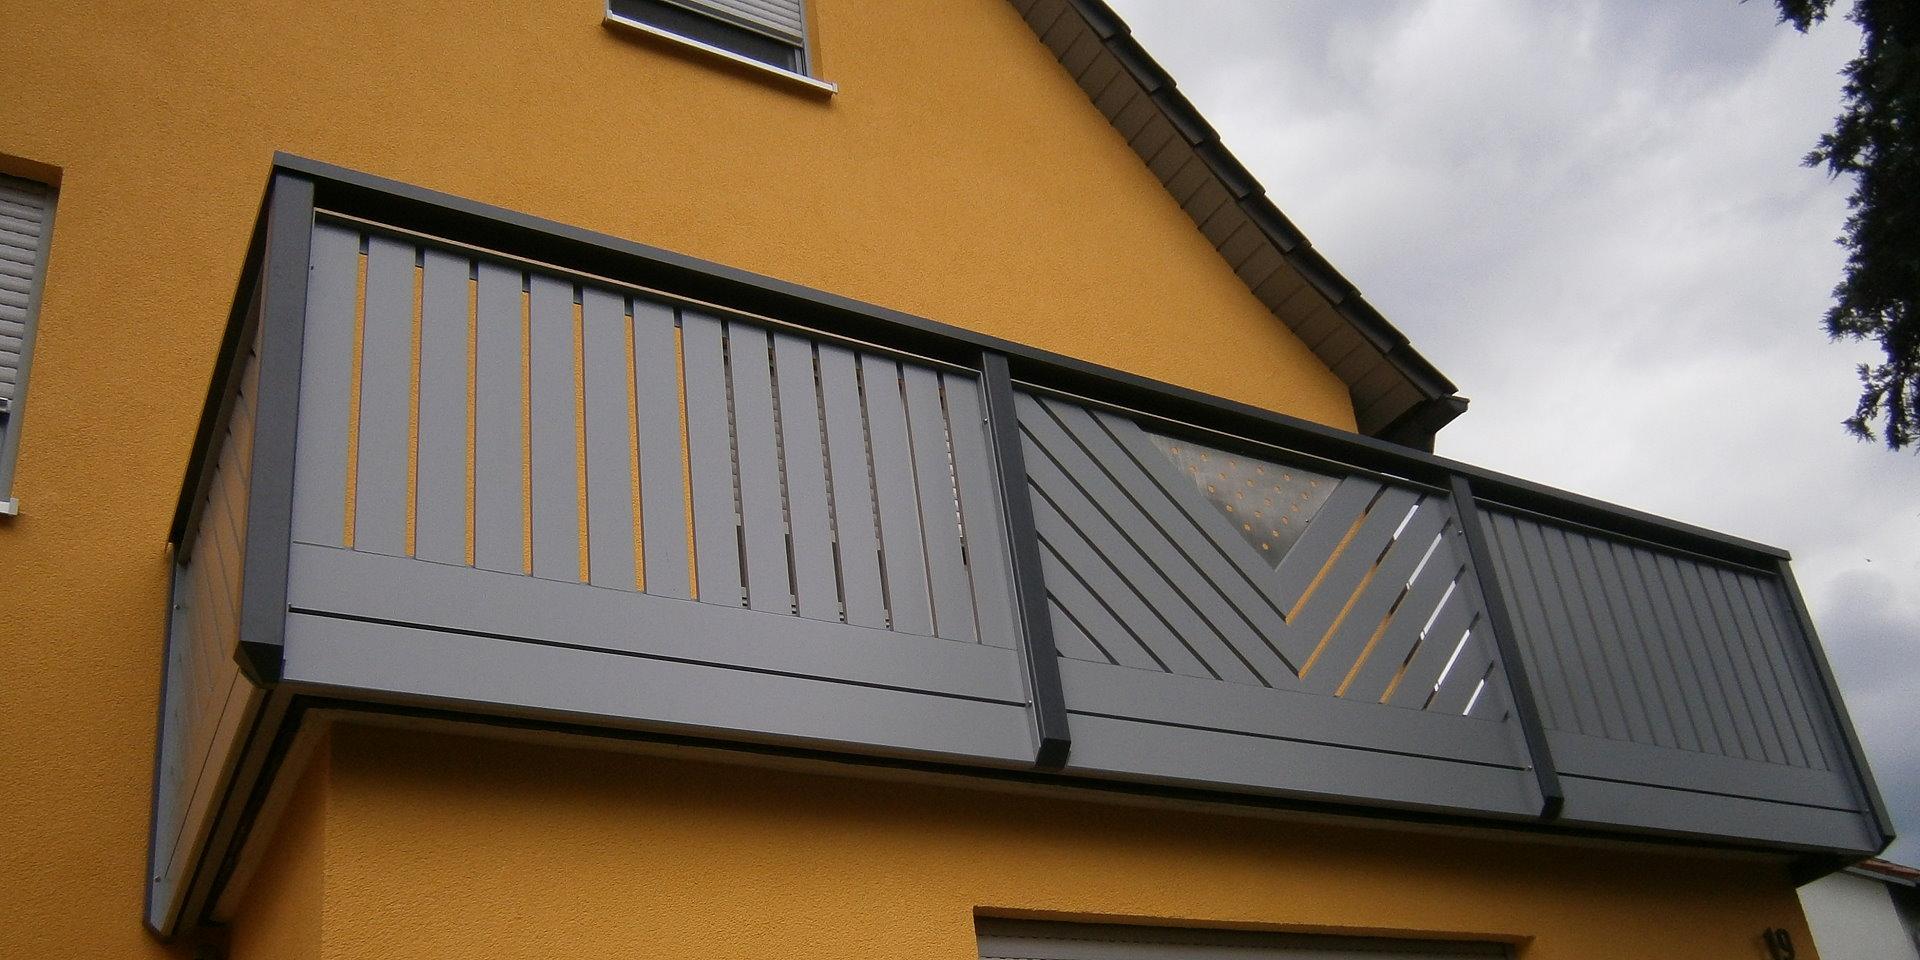 balkongelaender auburger balkongel nder aus kunststoff vollkunststoff materialst rke 20mm. Black Bedroom Furniture Sets. Home Design Ideas